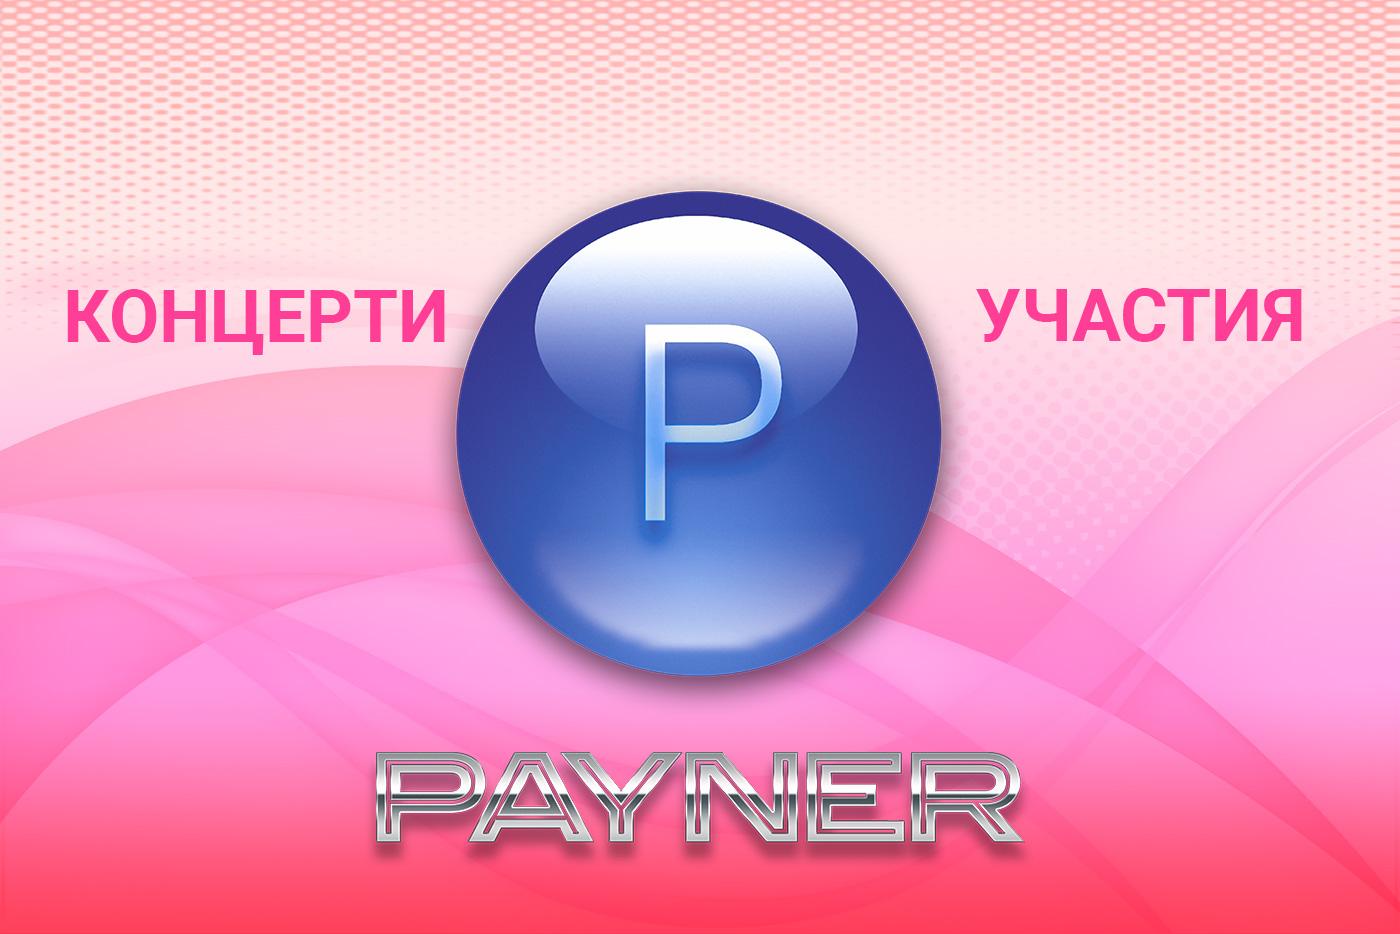 """Участия на звездите на """"Пайнер"""" на 18.02.2020"""